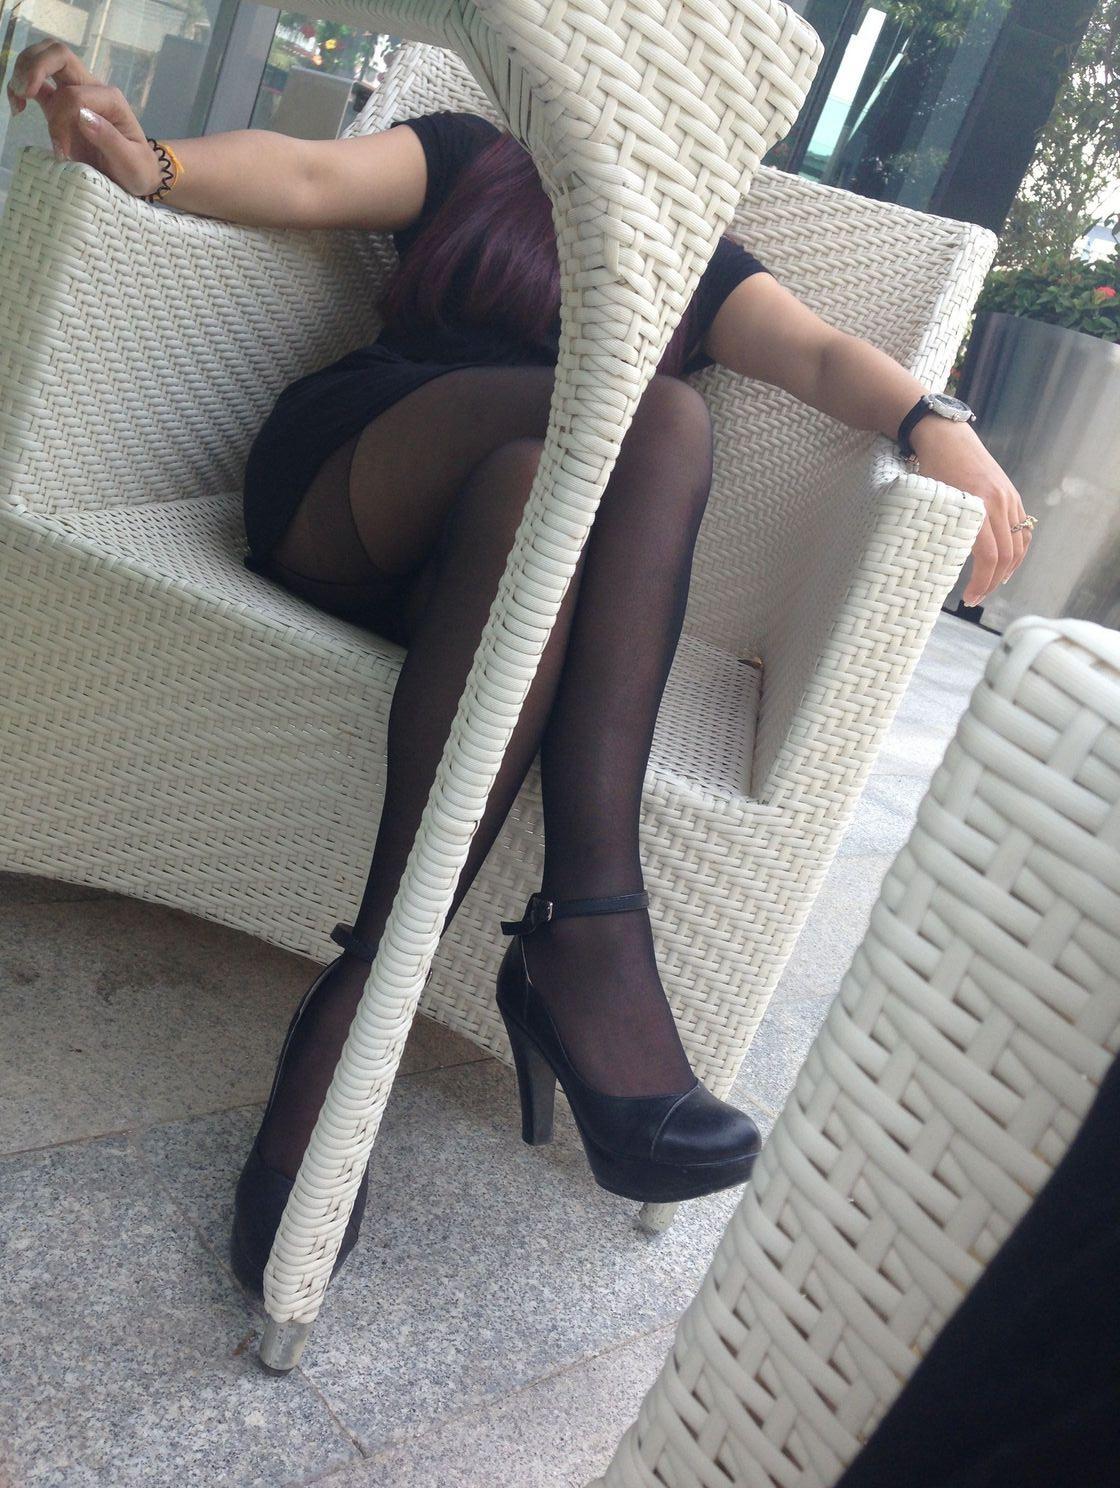 我的同事,每天都喜欢穿丝袜上班19